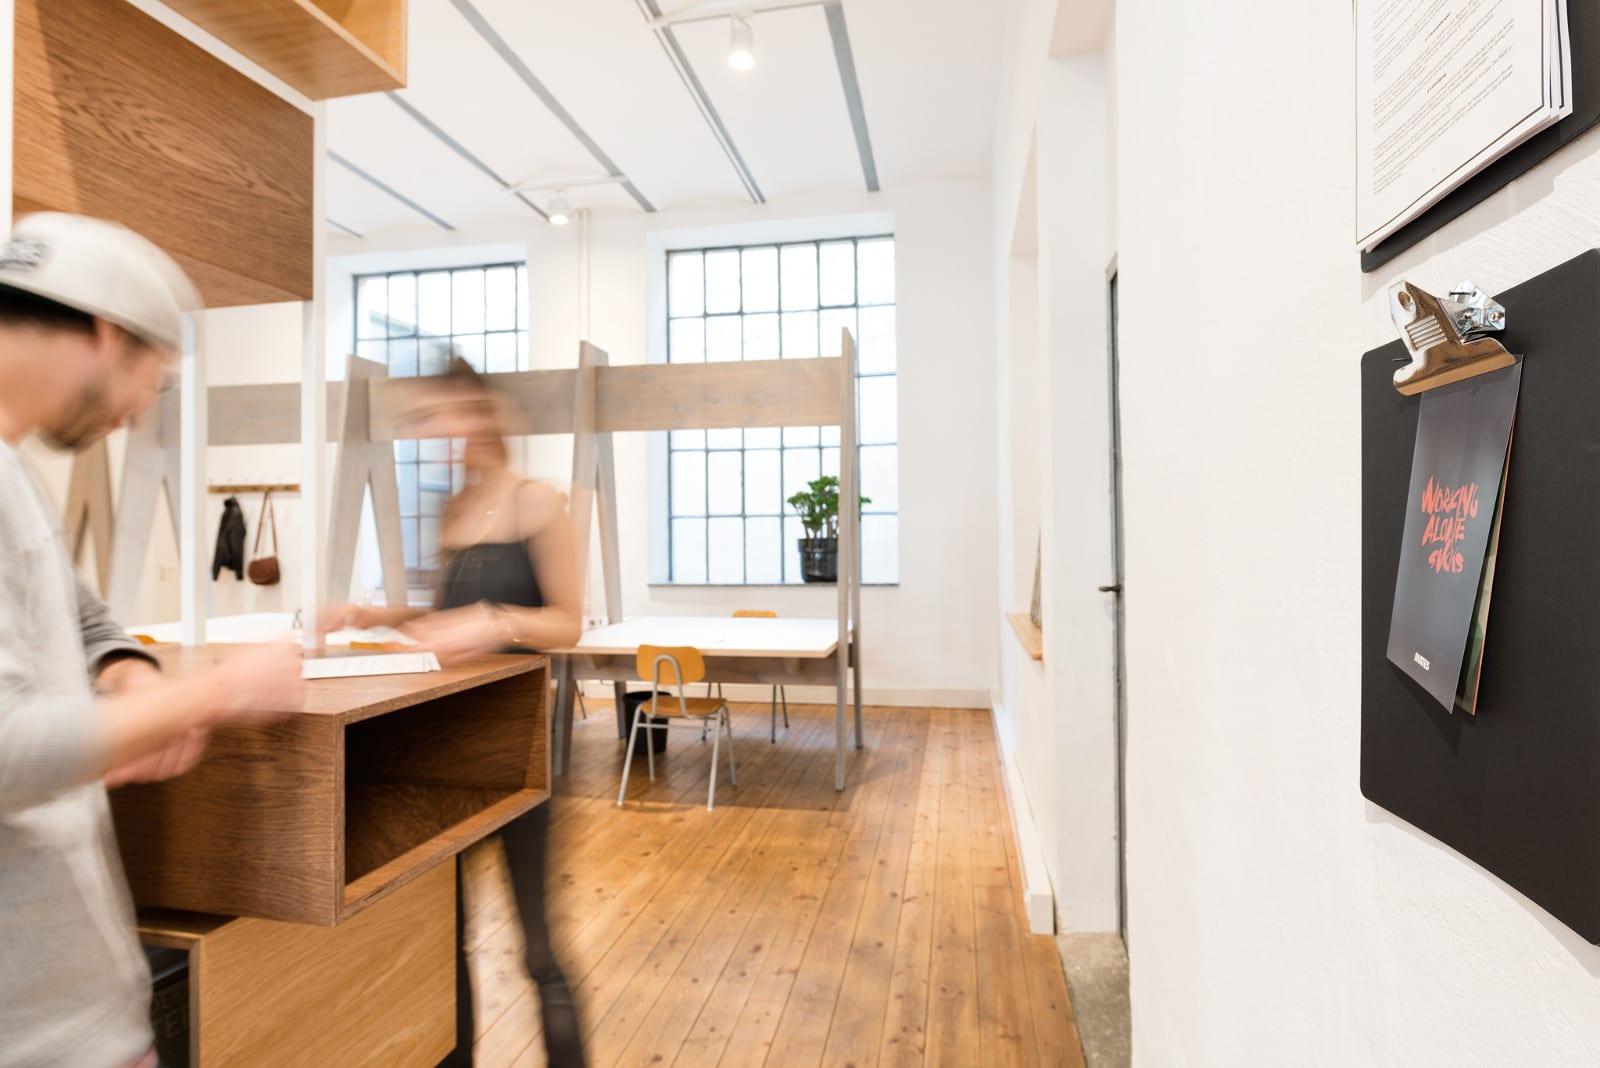 Flexibles Arbeiten im Coworking-Space Mates in München.